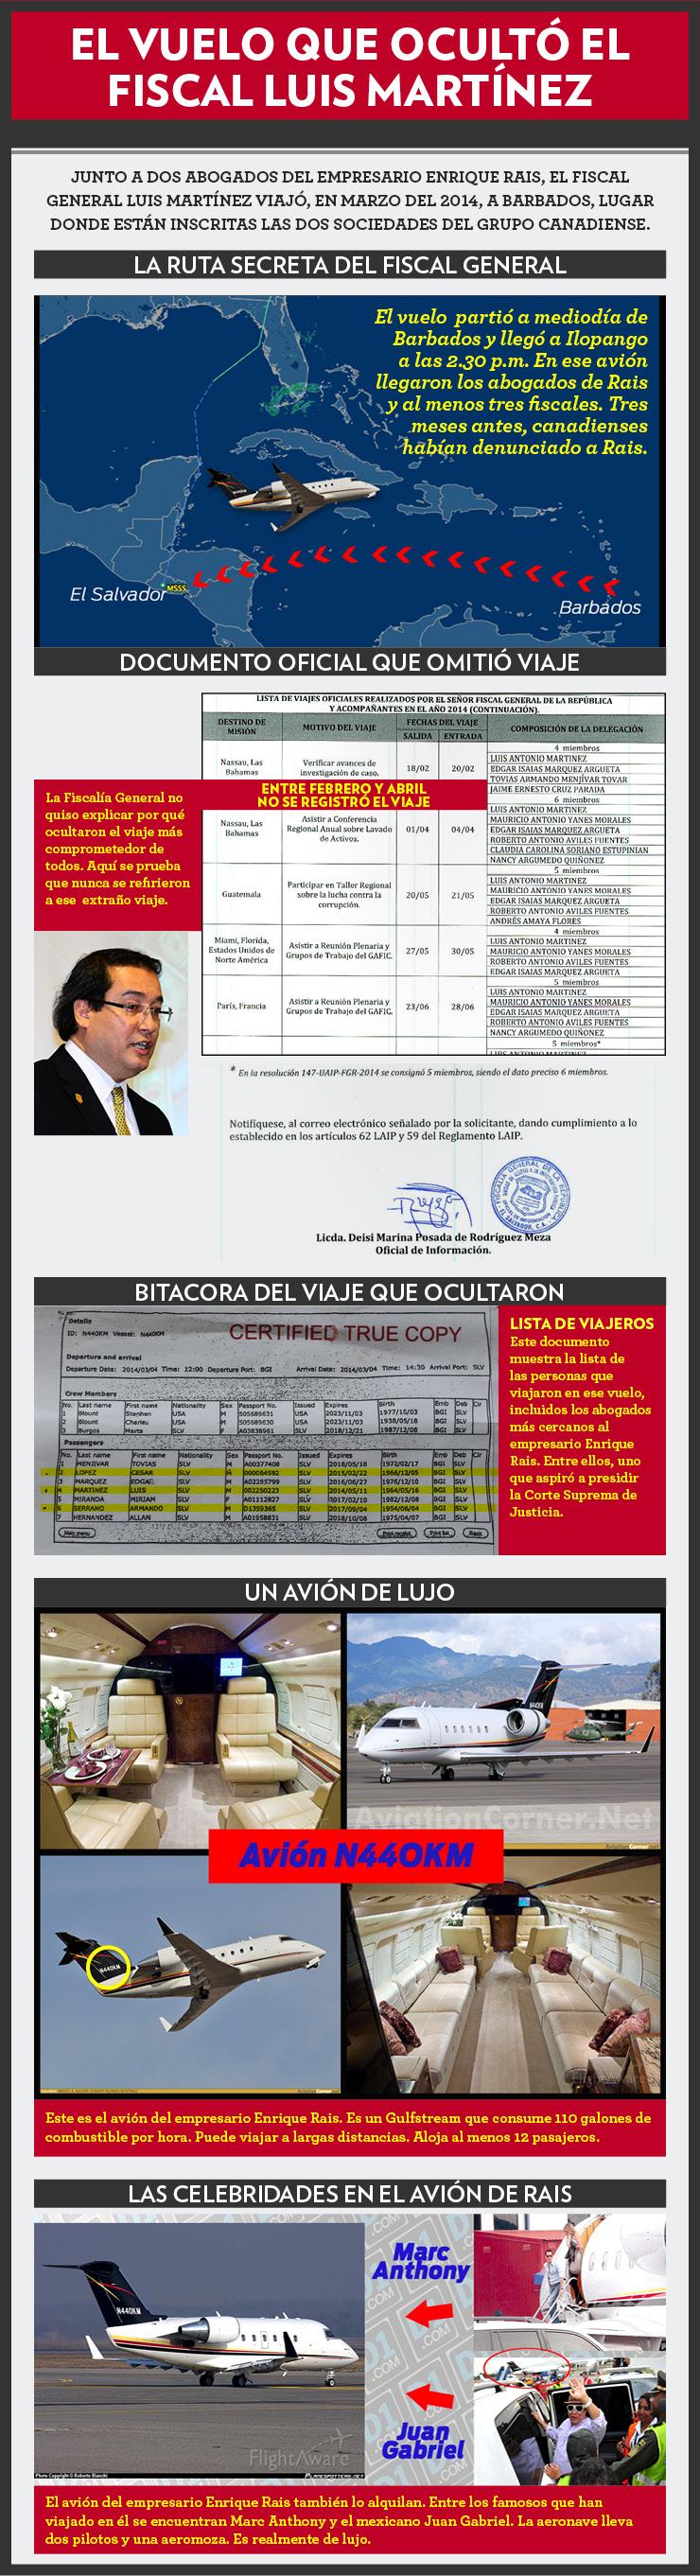 El viaje del fiscal Luis Martínez. Arte Gráfico D1 Juan Durán.